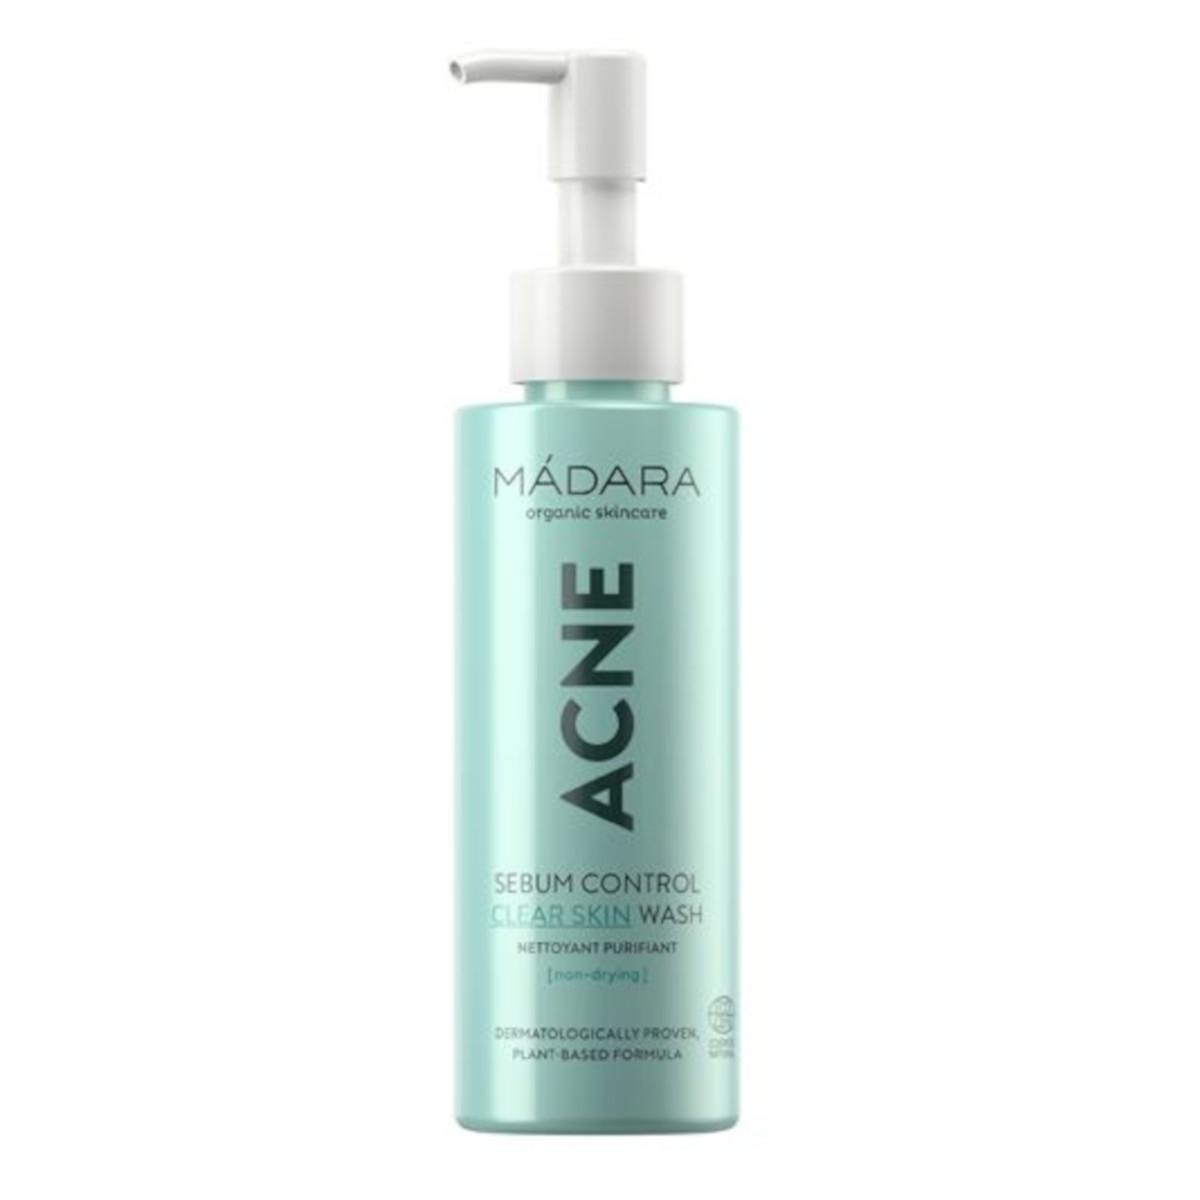 MÁDARA ACNE Sebum Control Clear Skin Wash 140 ml